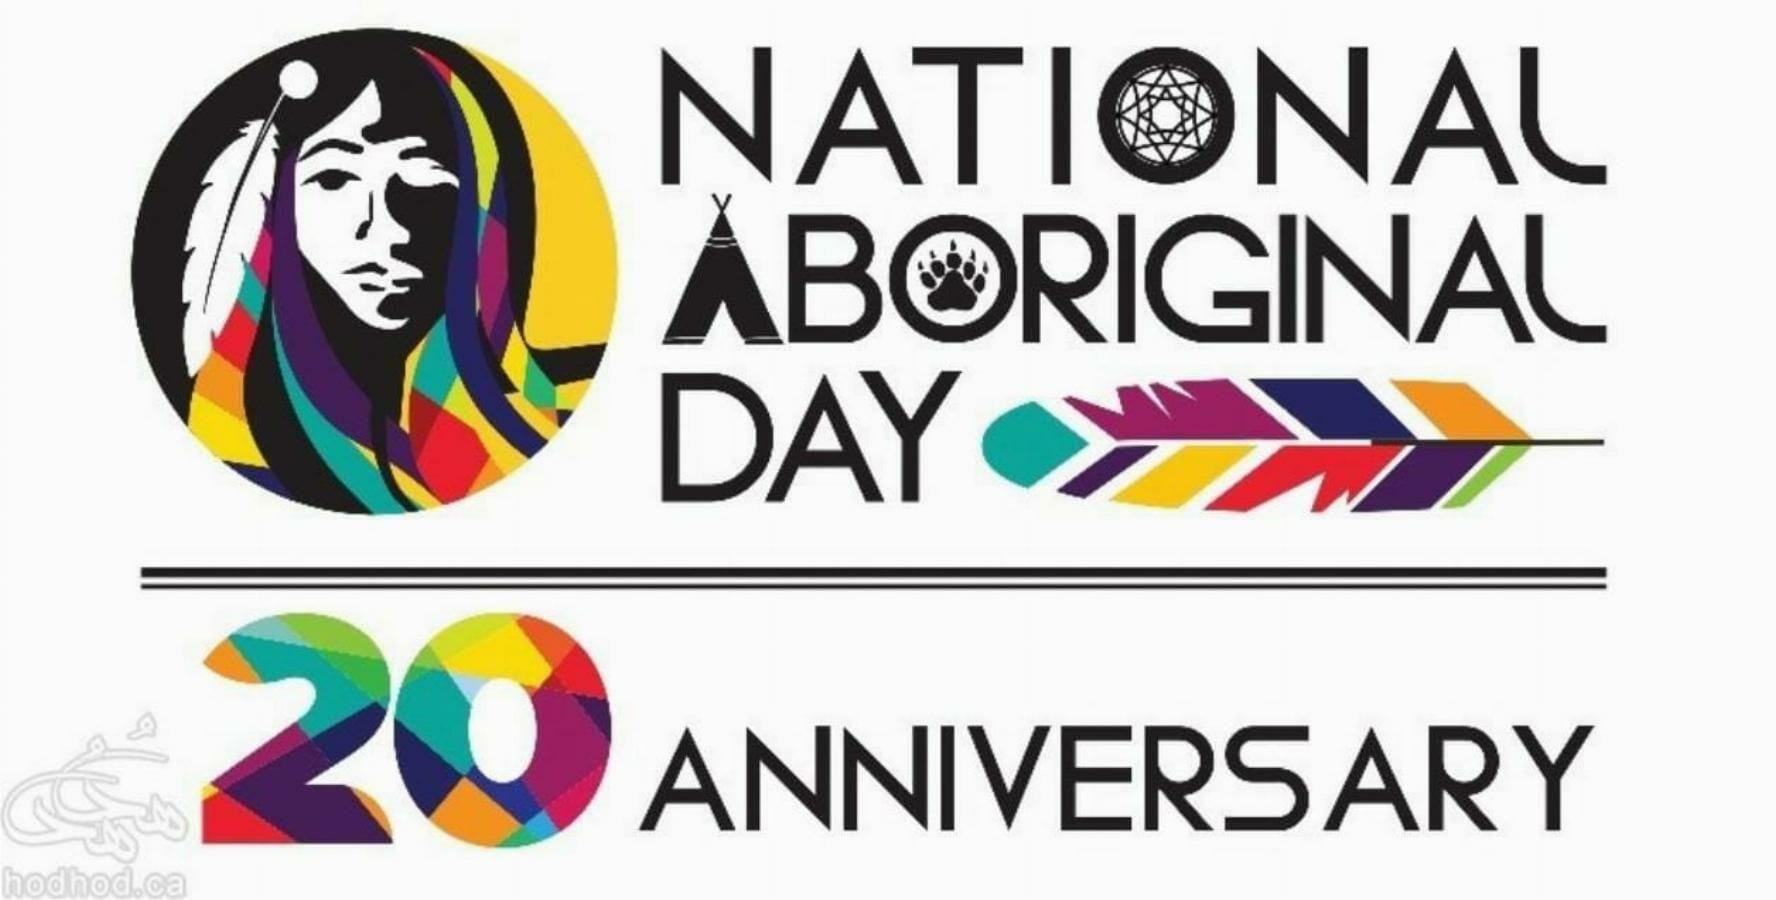 امروز 21 ژوئن، روز ملی بومیان کاناداست